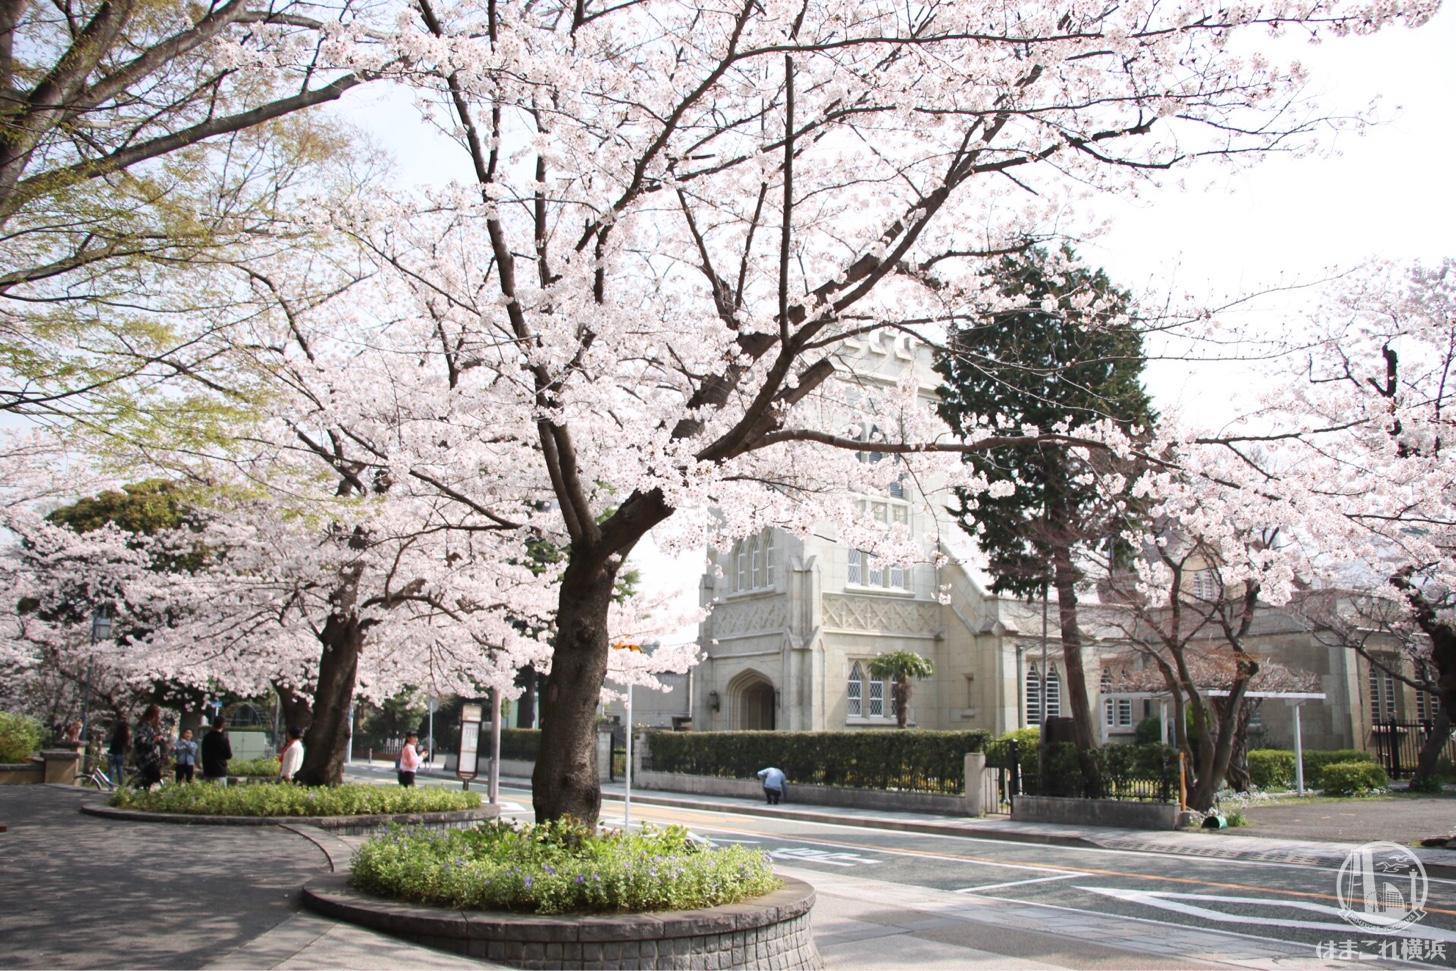 元町公園 桜スポット